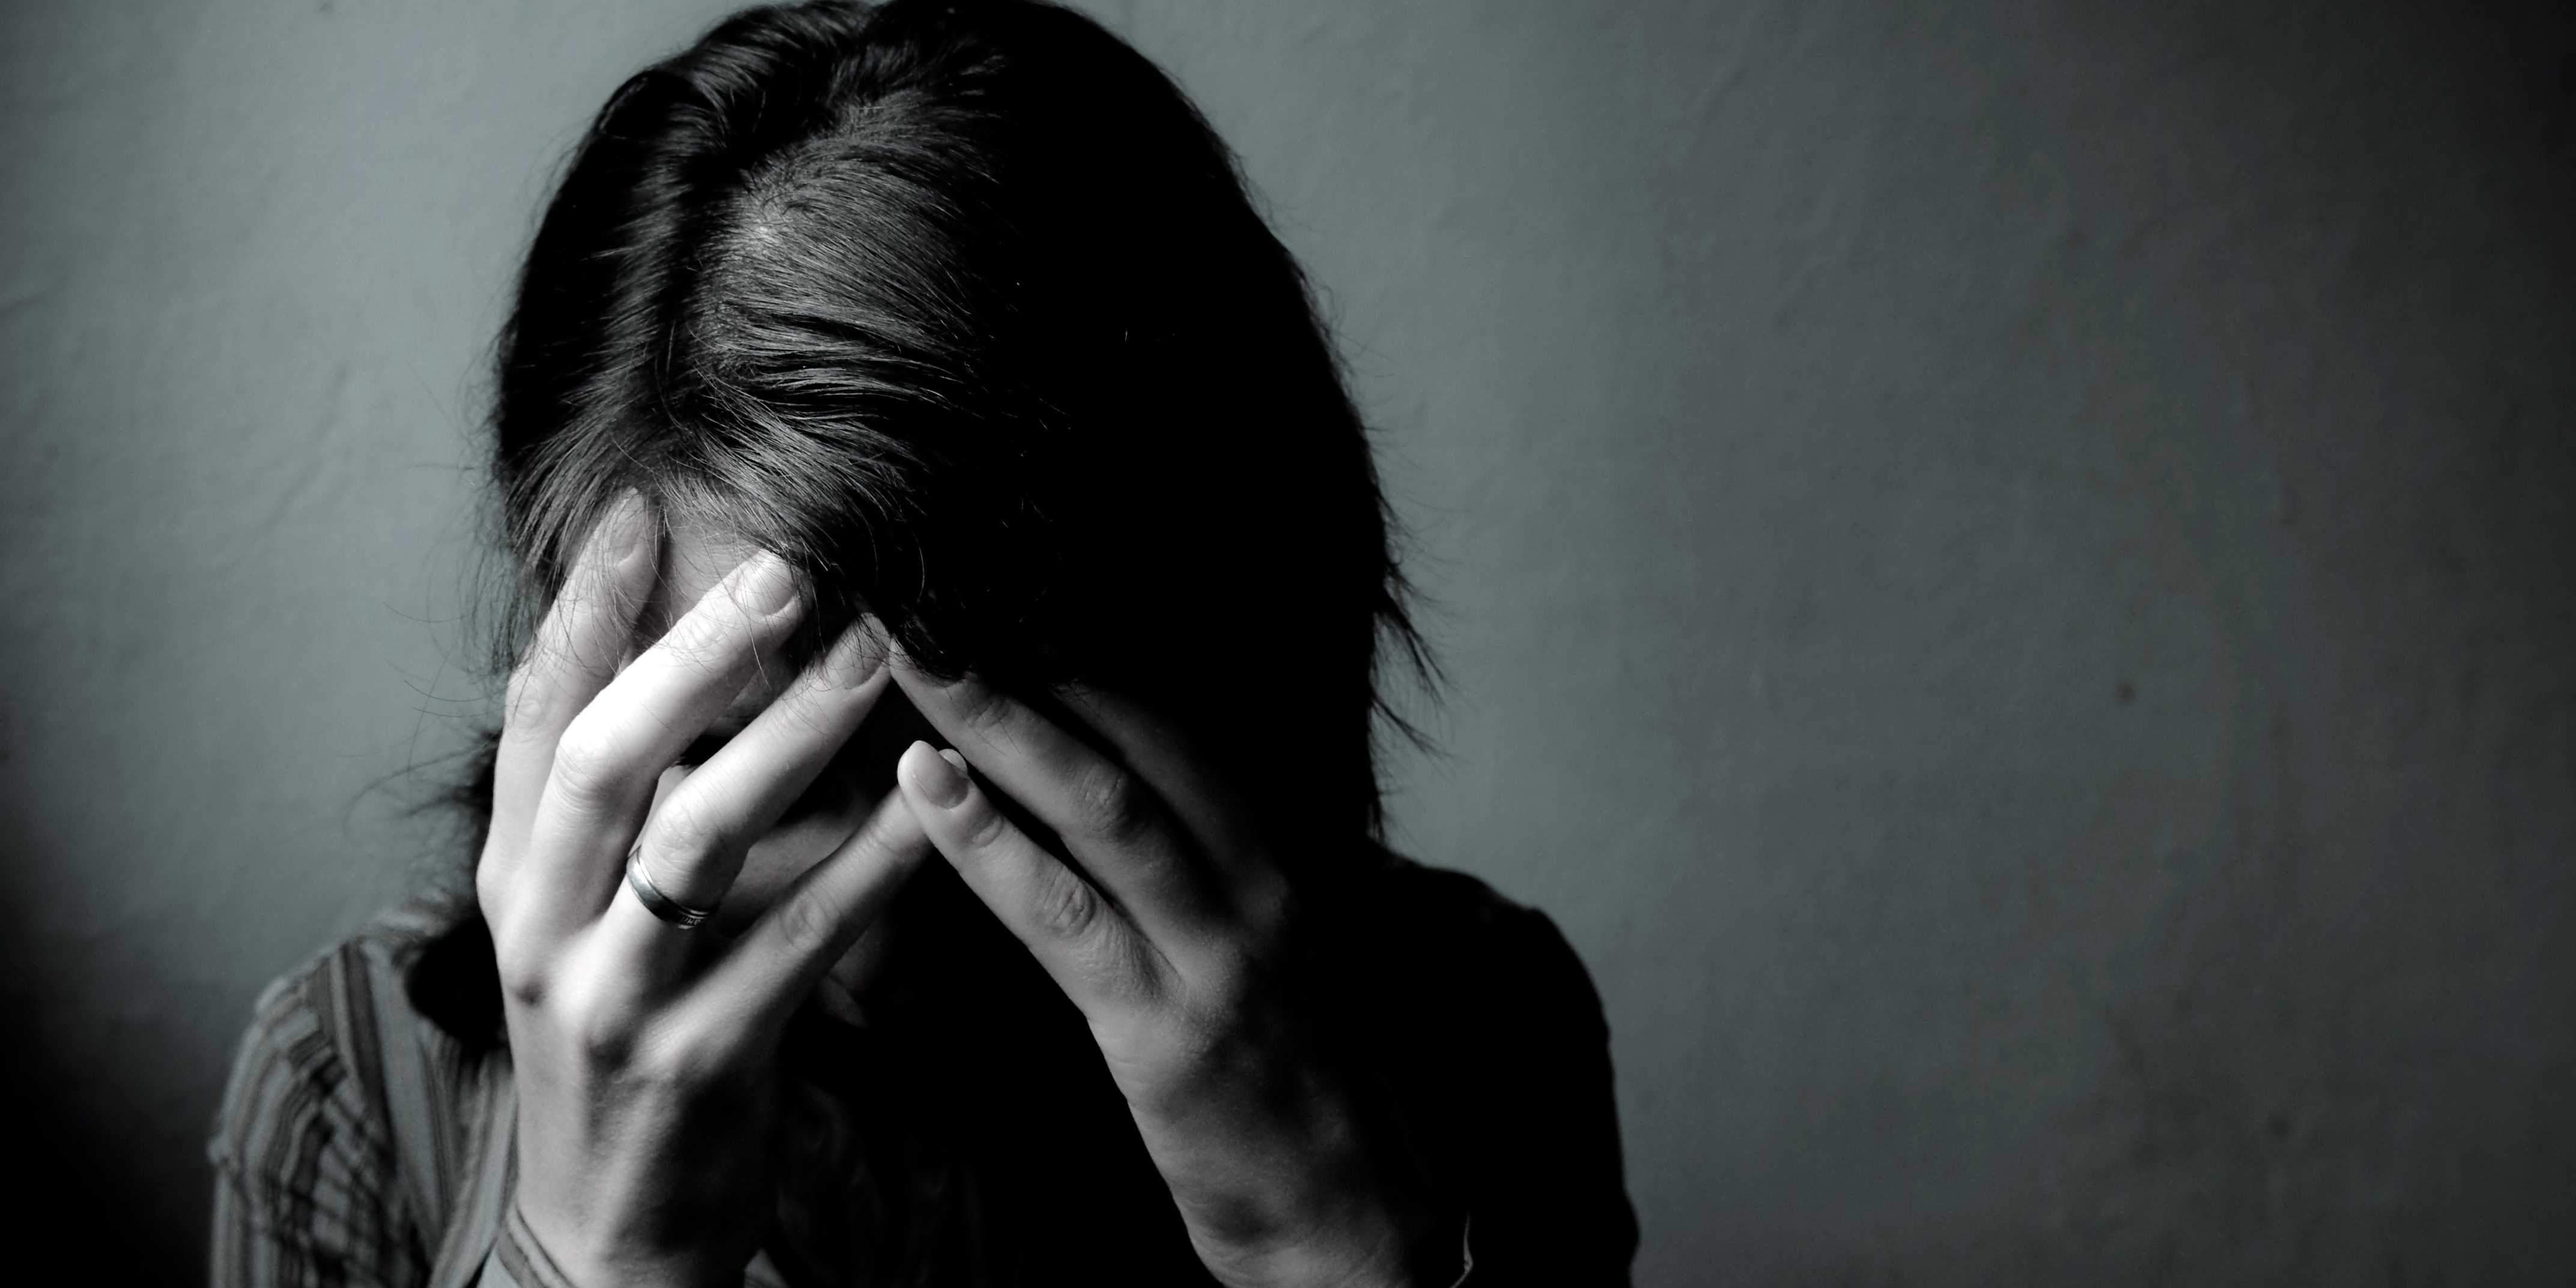 الامراض النفسية المنتشرة